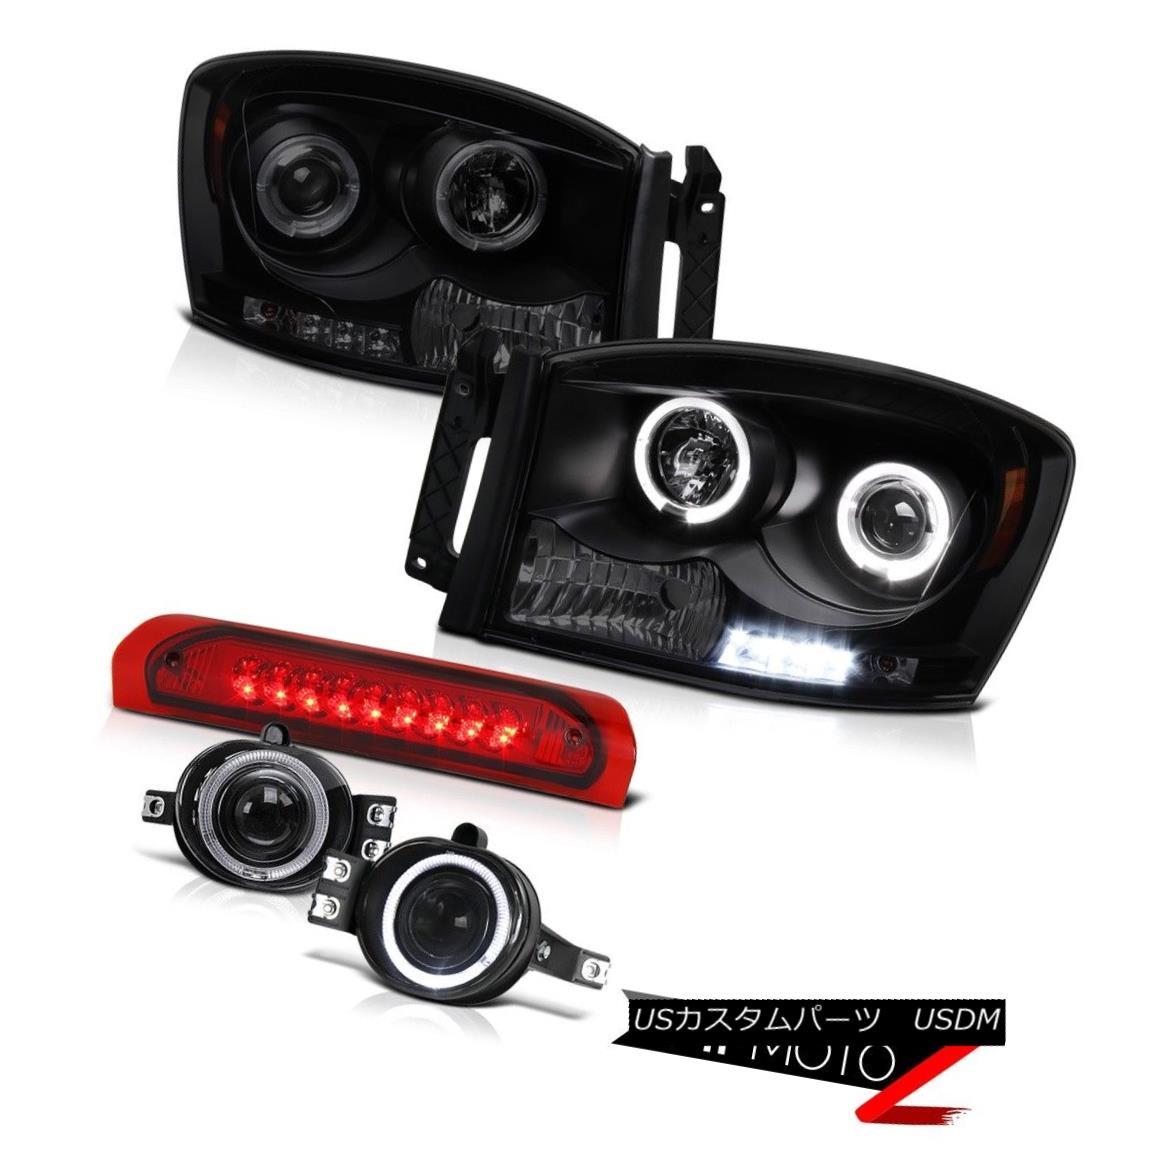 ヘッドライト 06 Ram 2500 4x4 Smoke Halo LED Headlight Top Mount Brake Lamps Red Projector Fog 06 Ram 2500 4x4スモークハローLEDヘッドライトトップマウントブレーキランプレッドプロジェクターフォグ